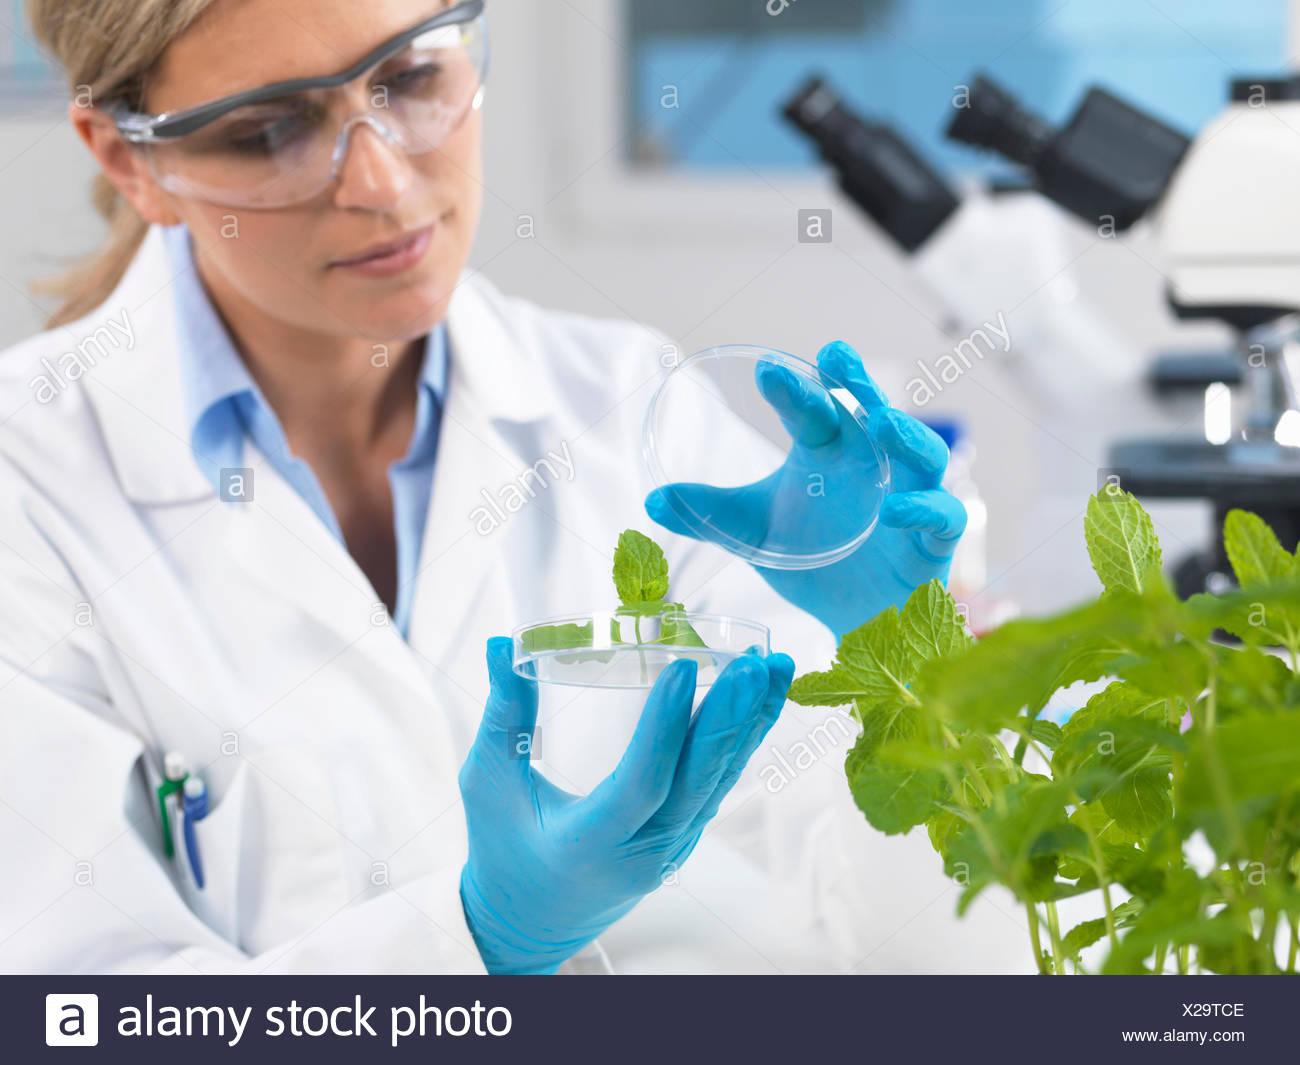 Visualisation scientifique développement de plantes expérimentales en laboratoire de recherche Photo Stock